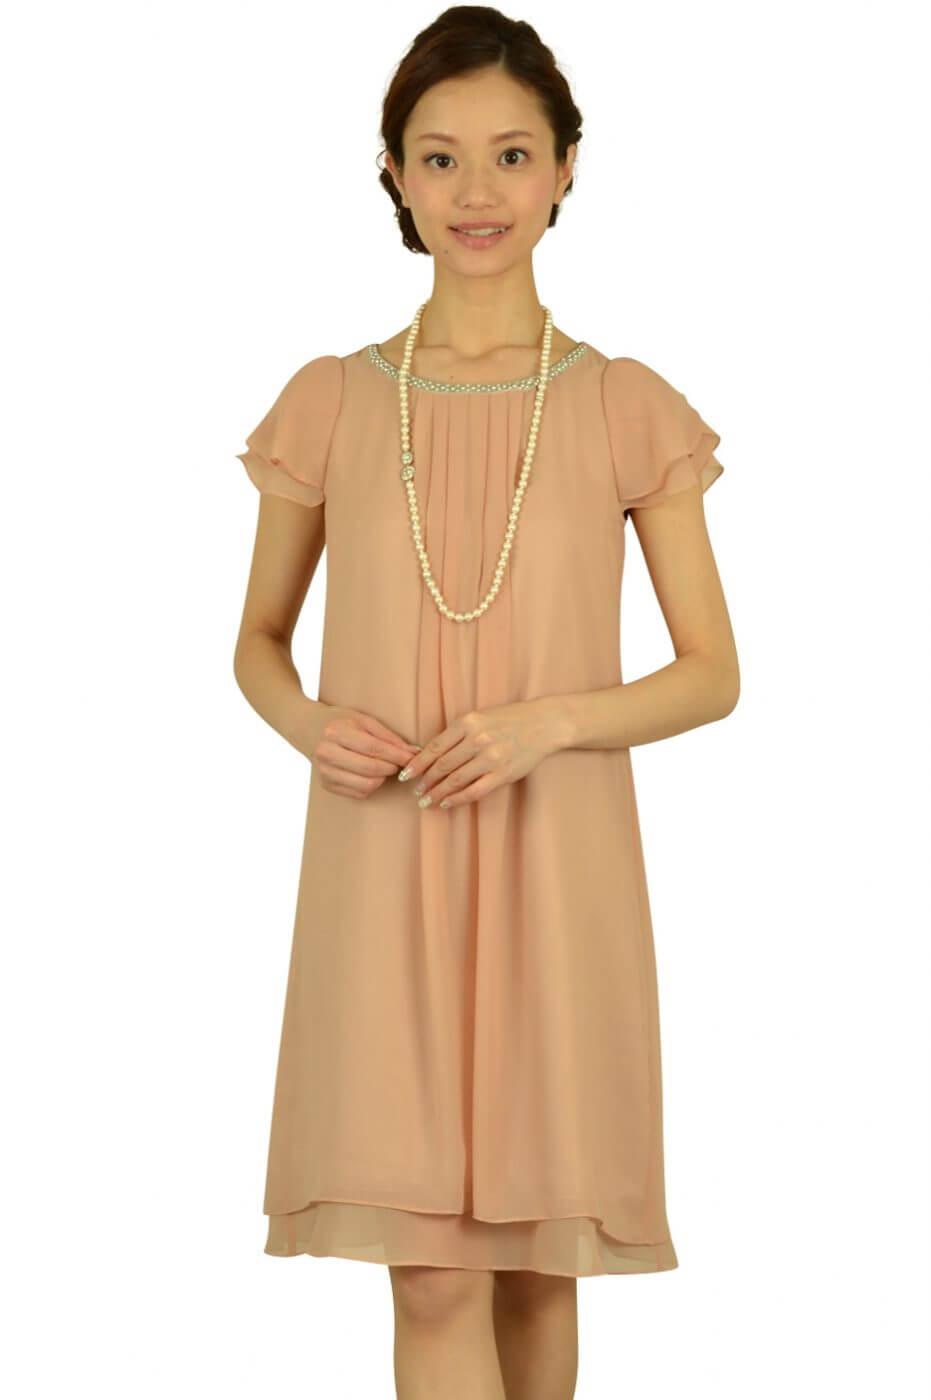 クリアインプレッション(Clear Impression)ピンクベージュゆったりドレス